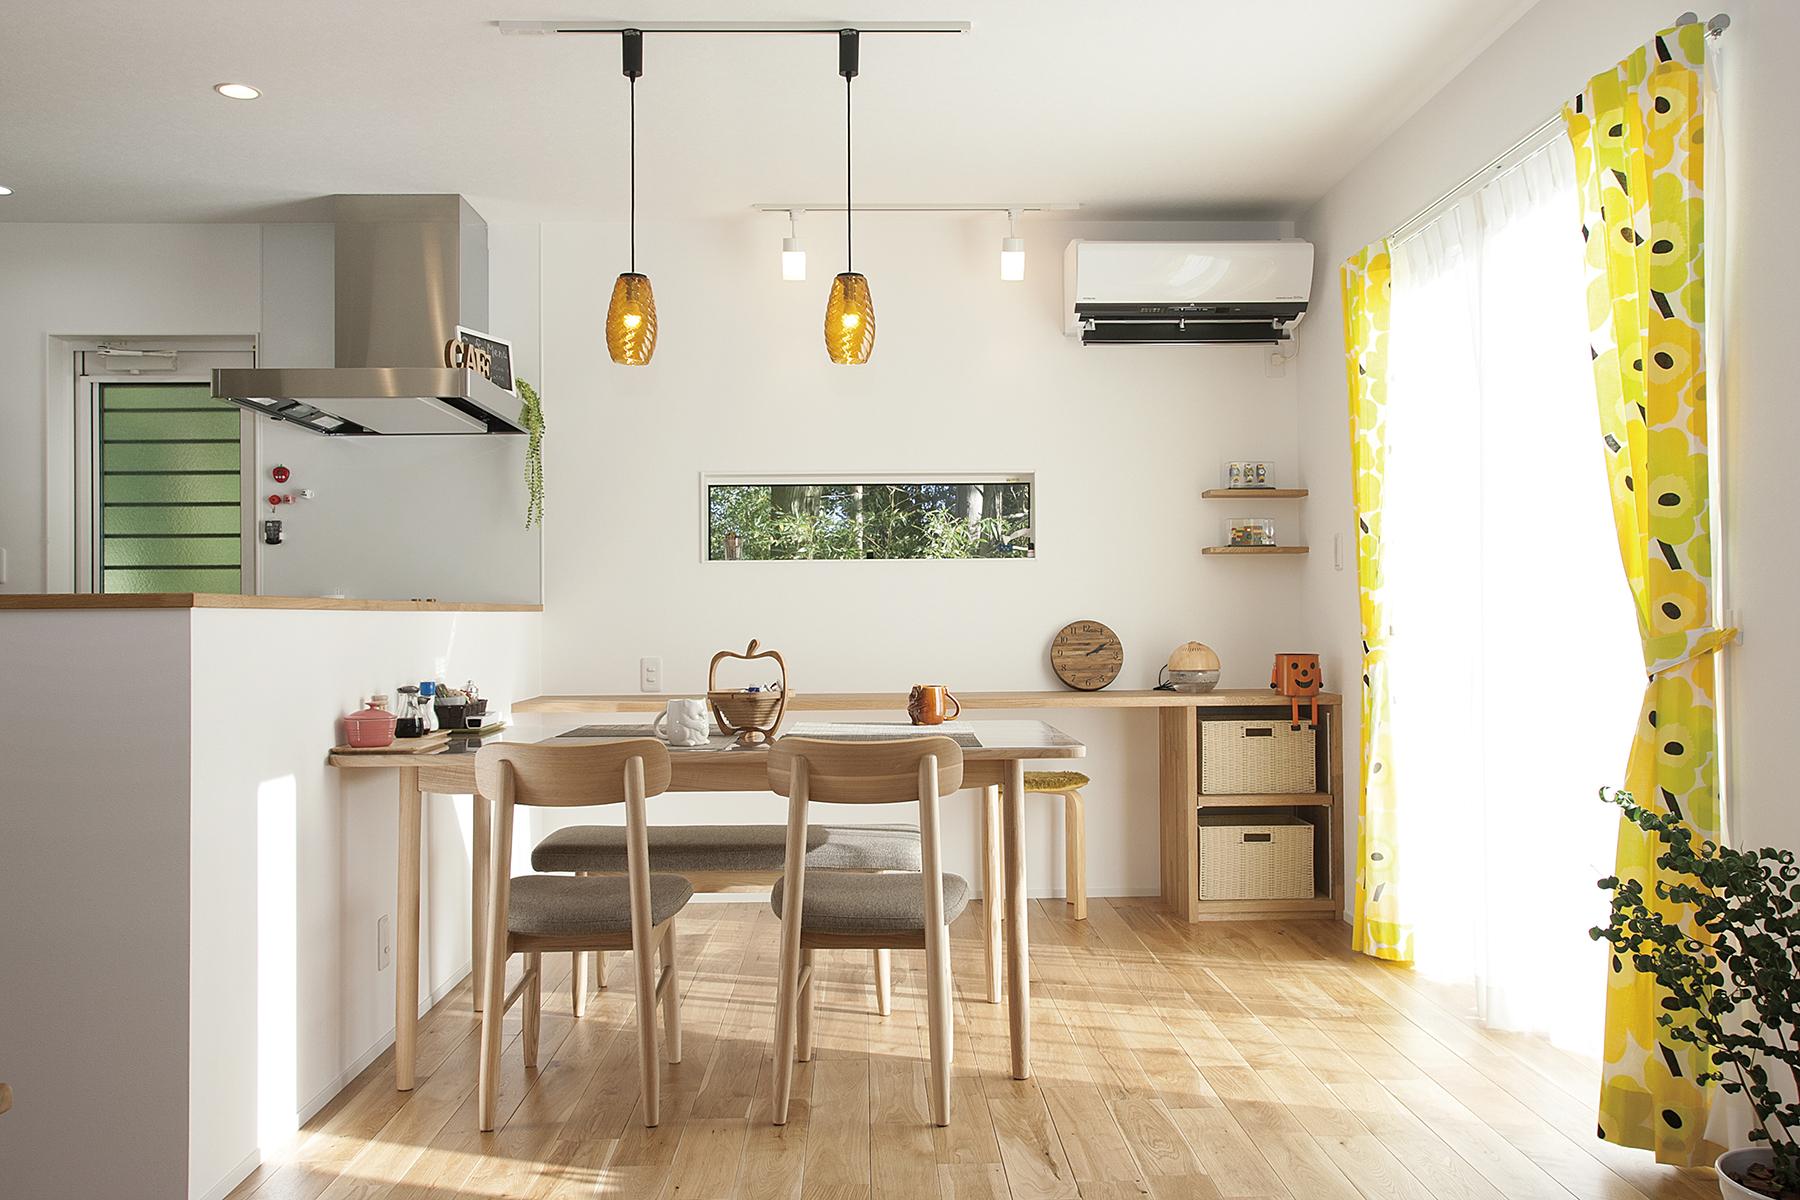 長野で注文住宅を建てる!自然素材の家づくりで後悔しない方法とは?